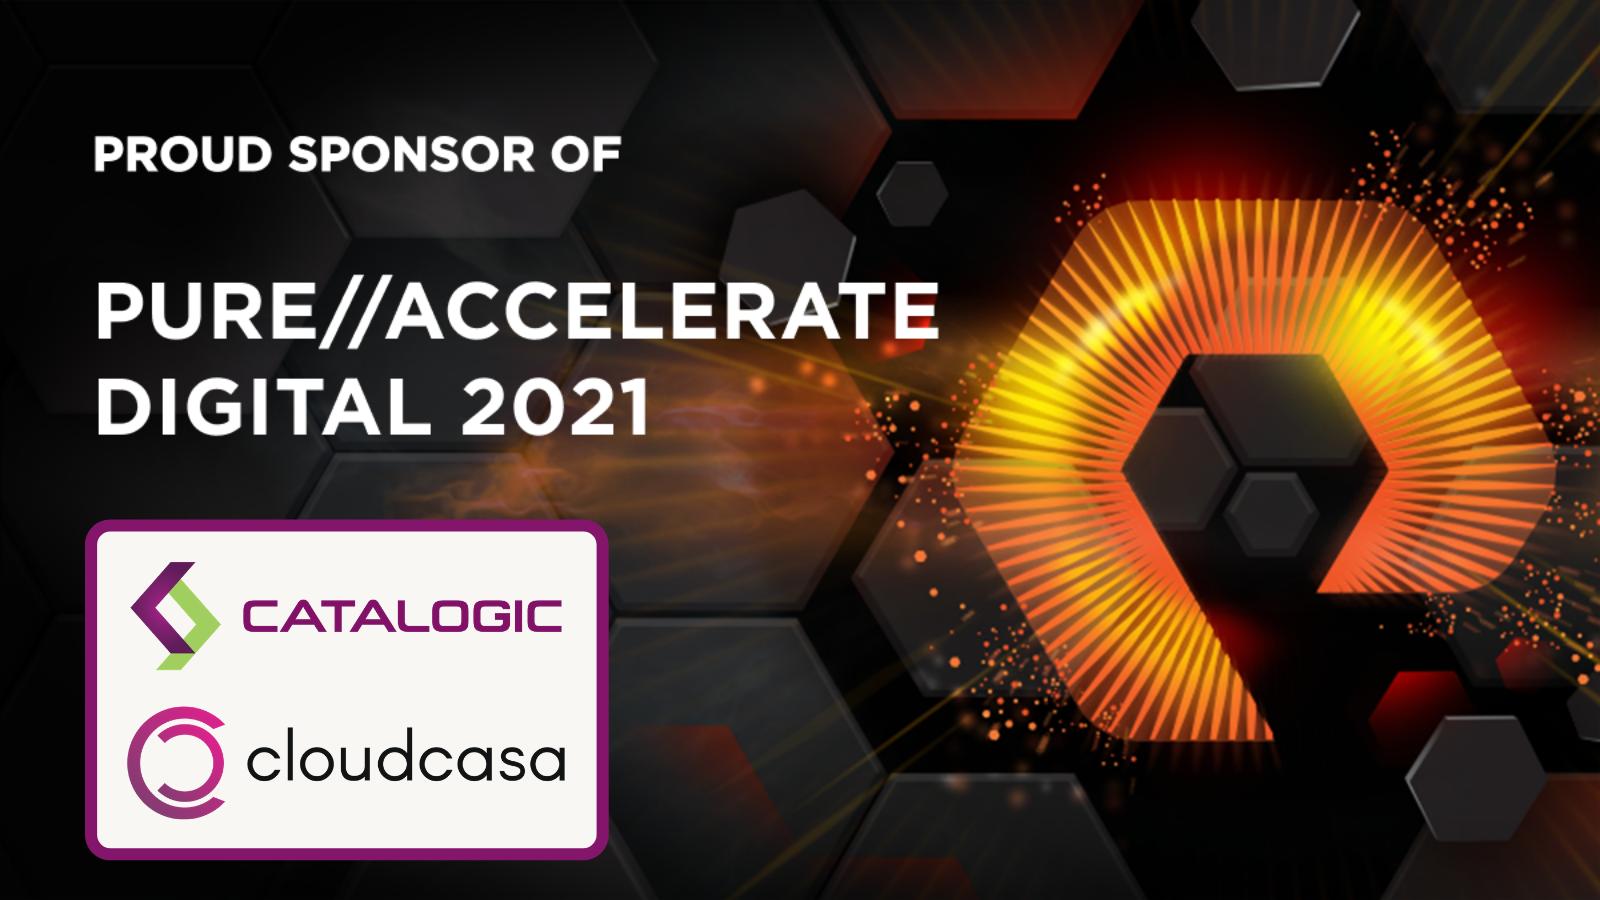 Pure//Accelerate Digital 2021